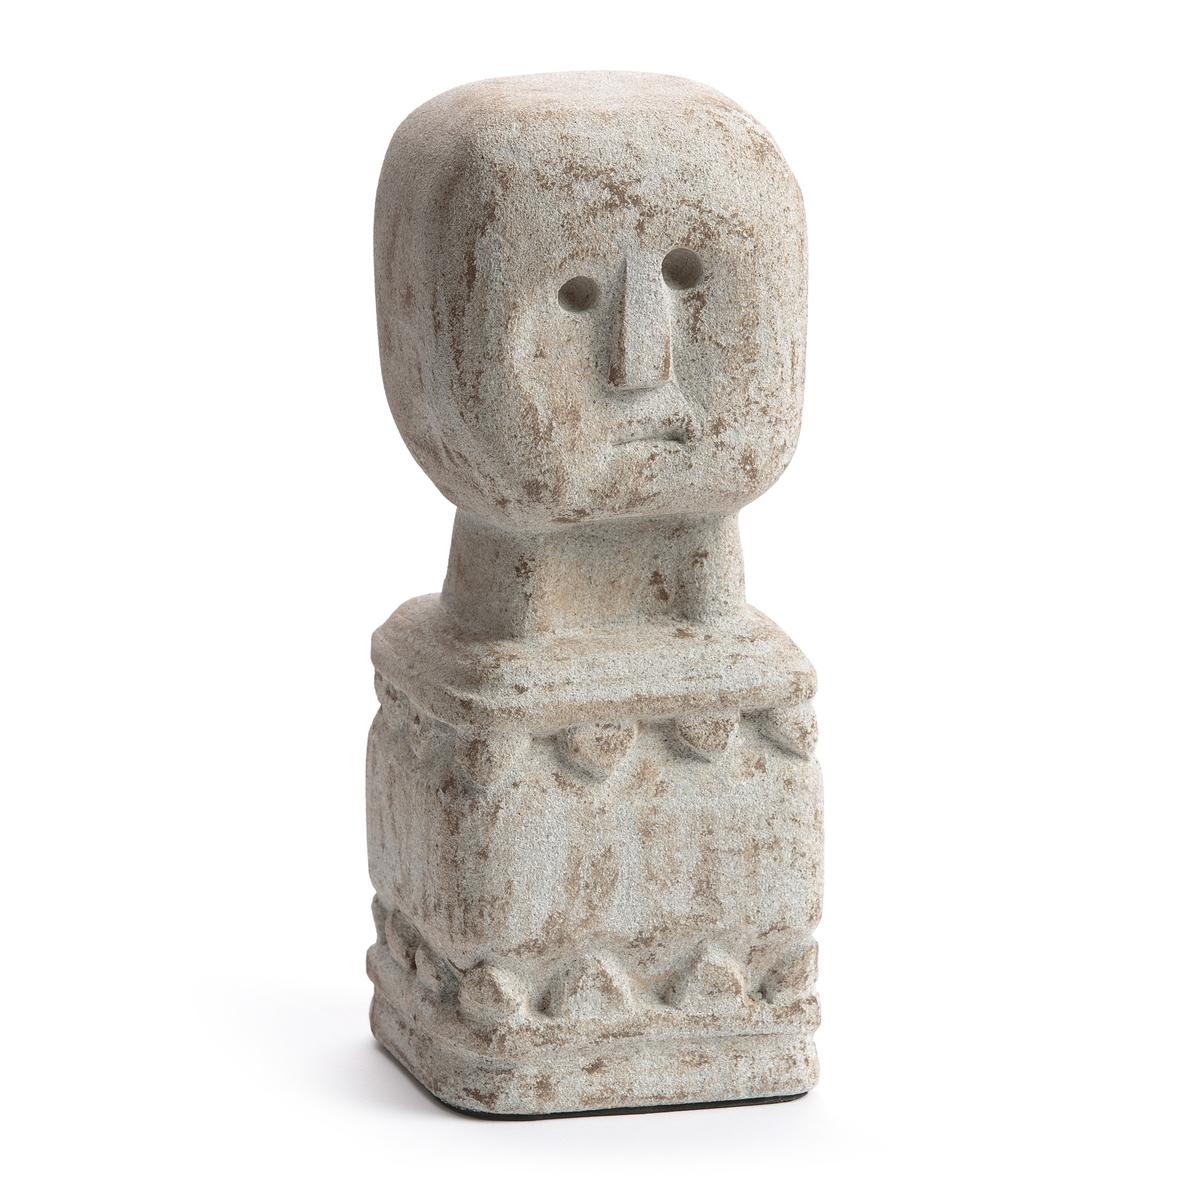 Статуэтка из камня, В.30 см, Aphélie статуэтка арти м 37 см дама 50 029